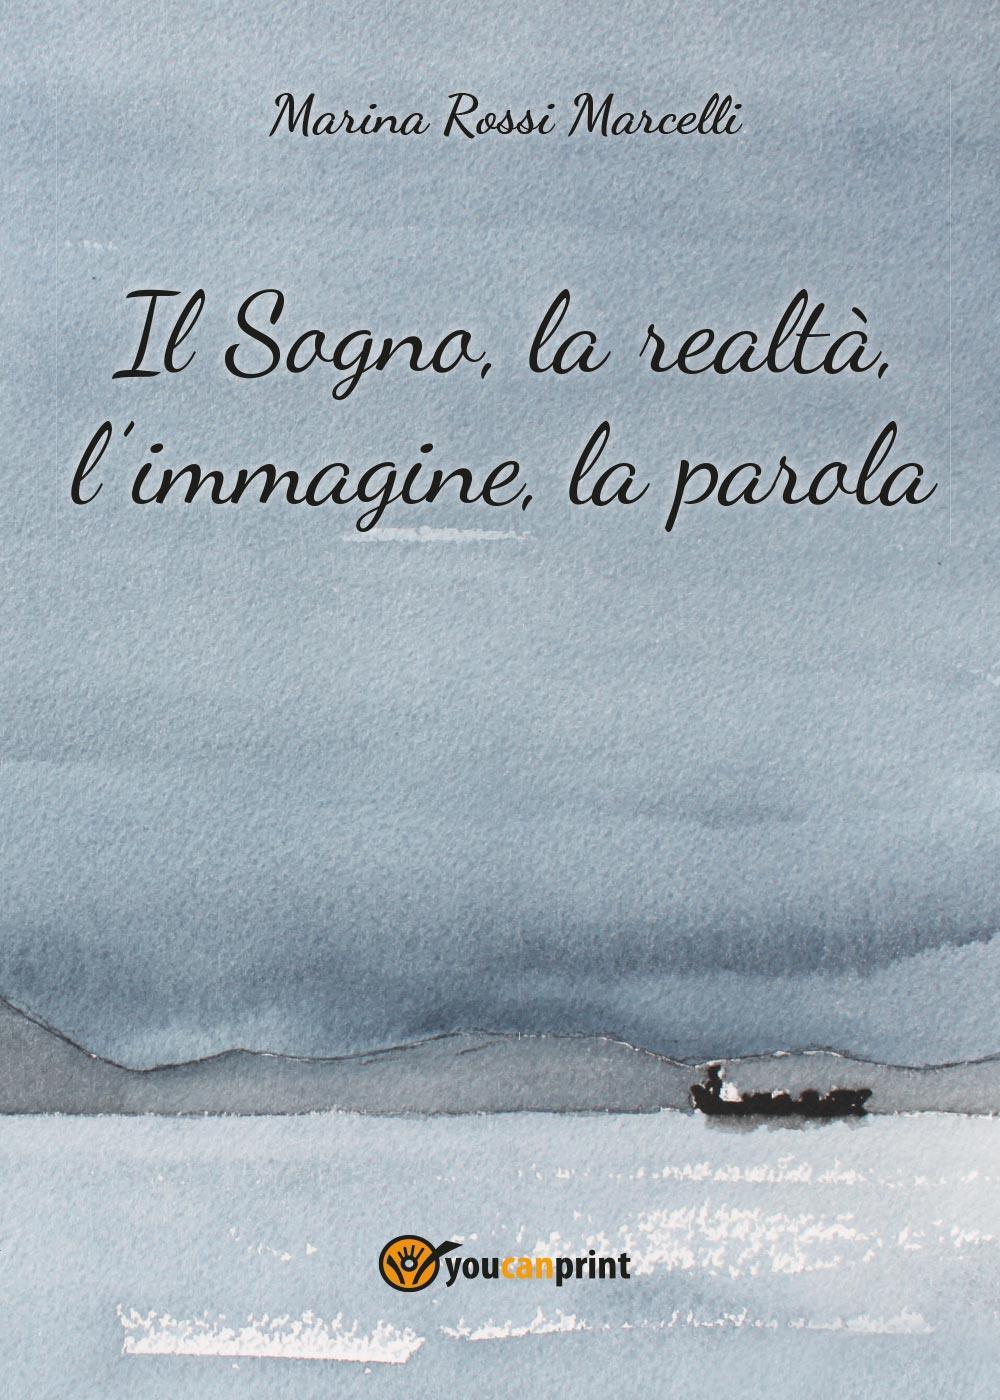 Il sogno, la realtà, l'immagine, la parola